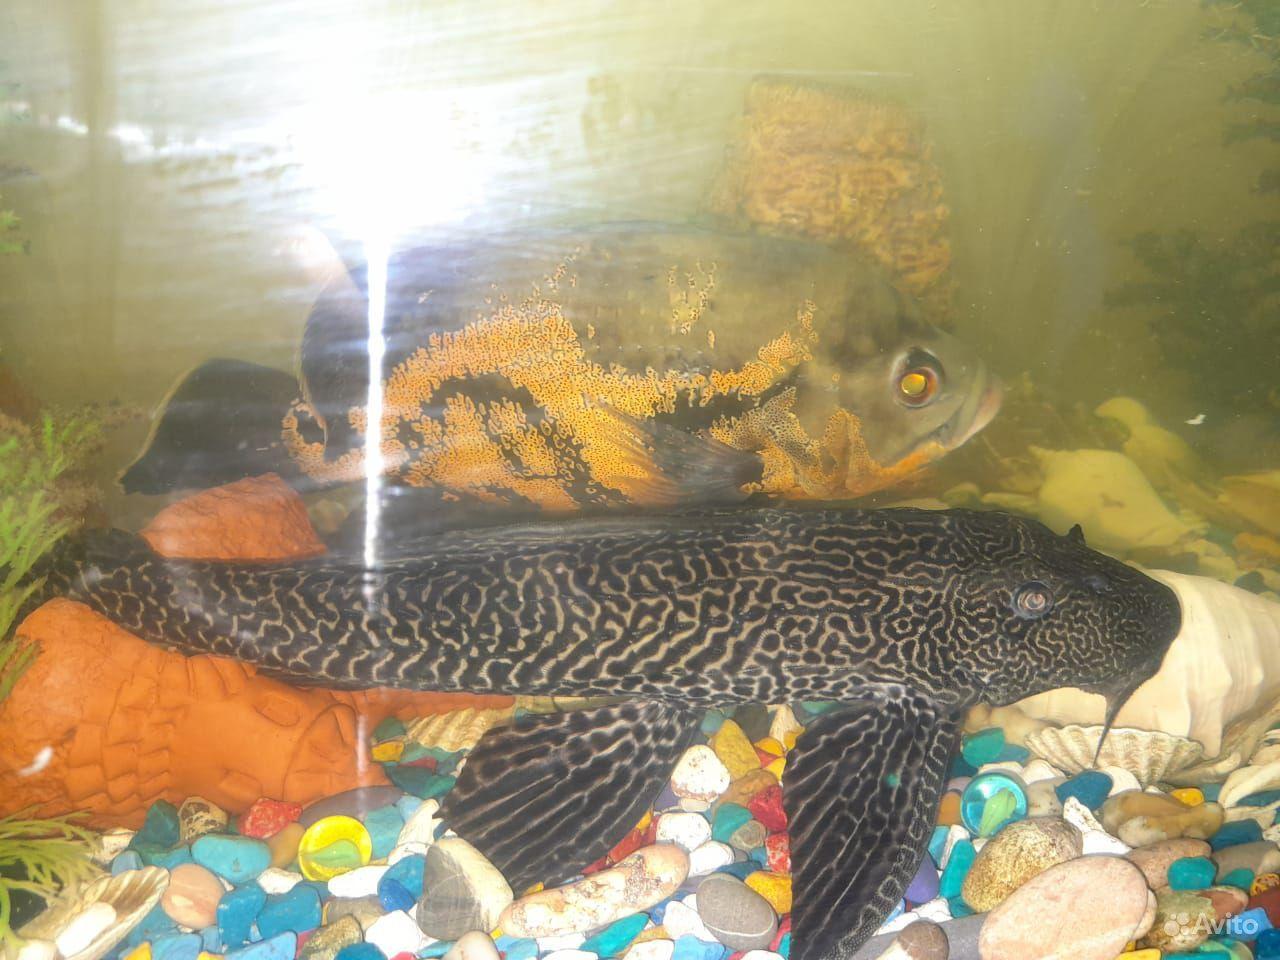 Рыбы с аквариумом и всеми удобствами для них купить на Зозу.ру - фотография № 1